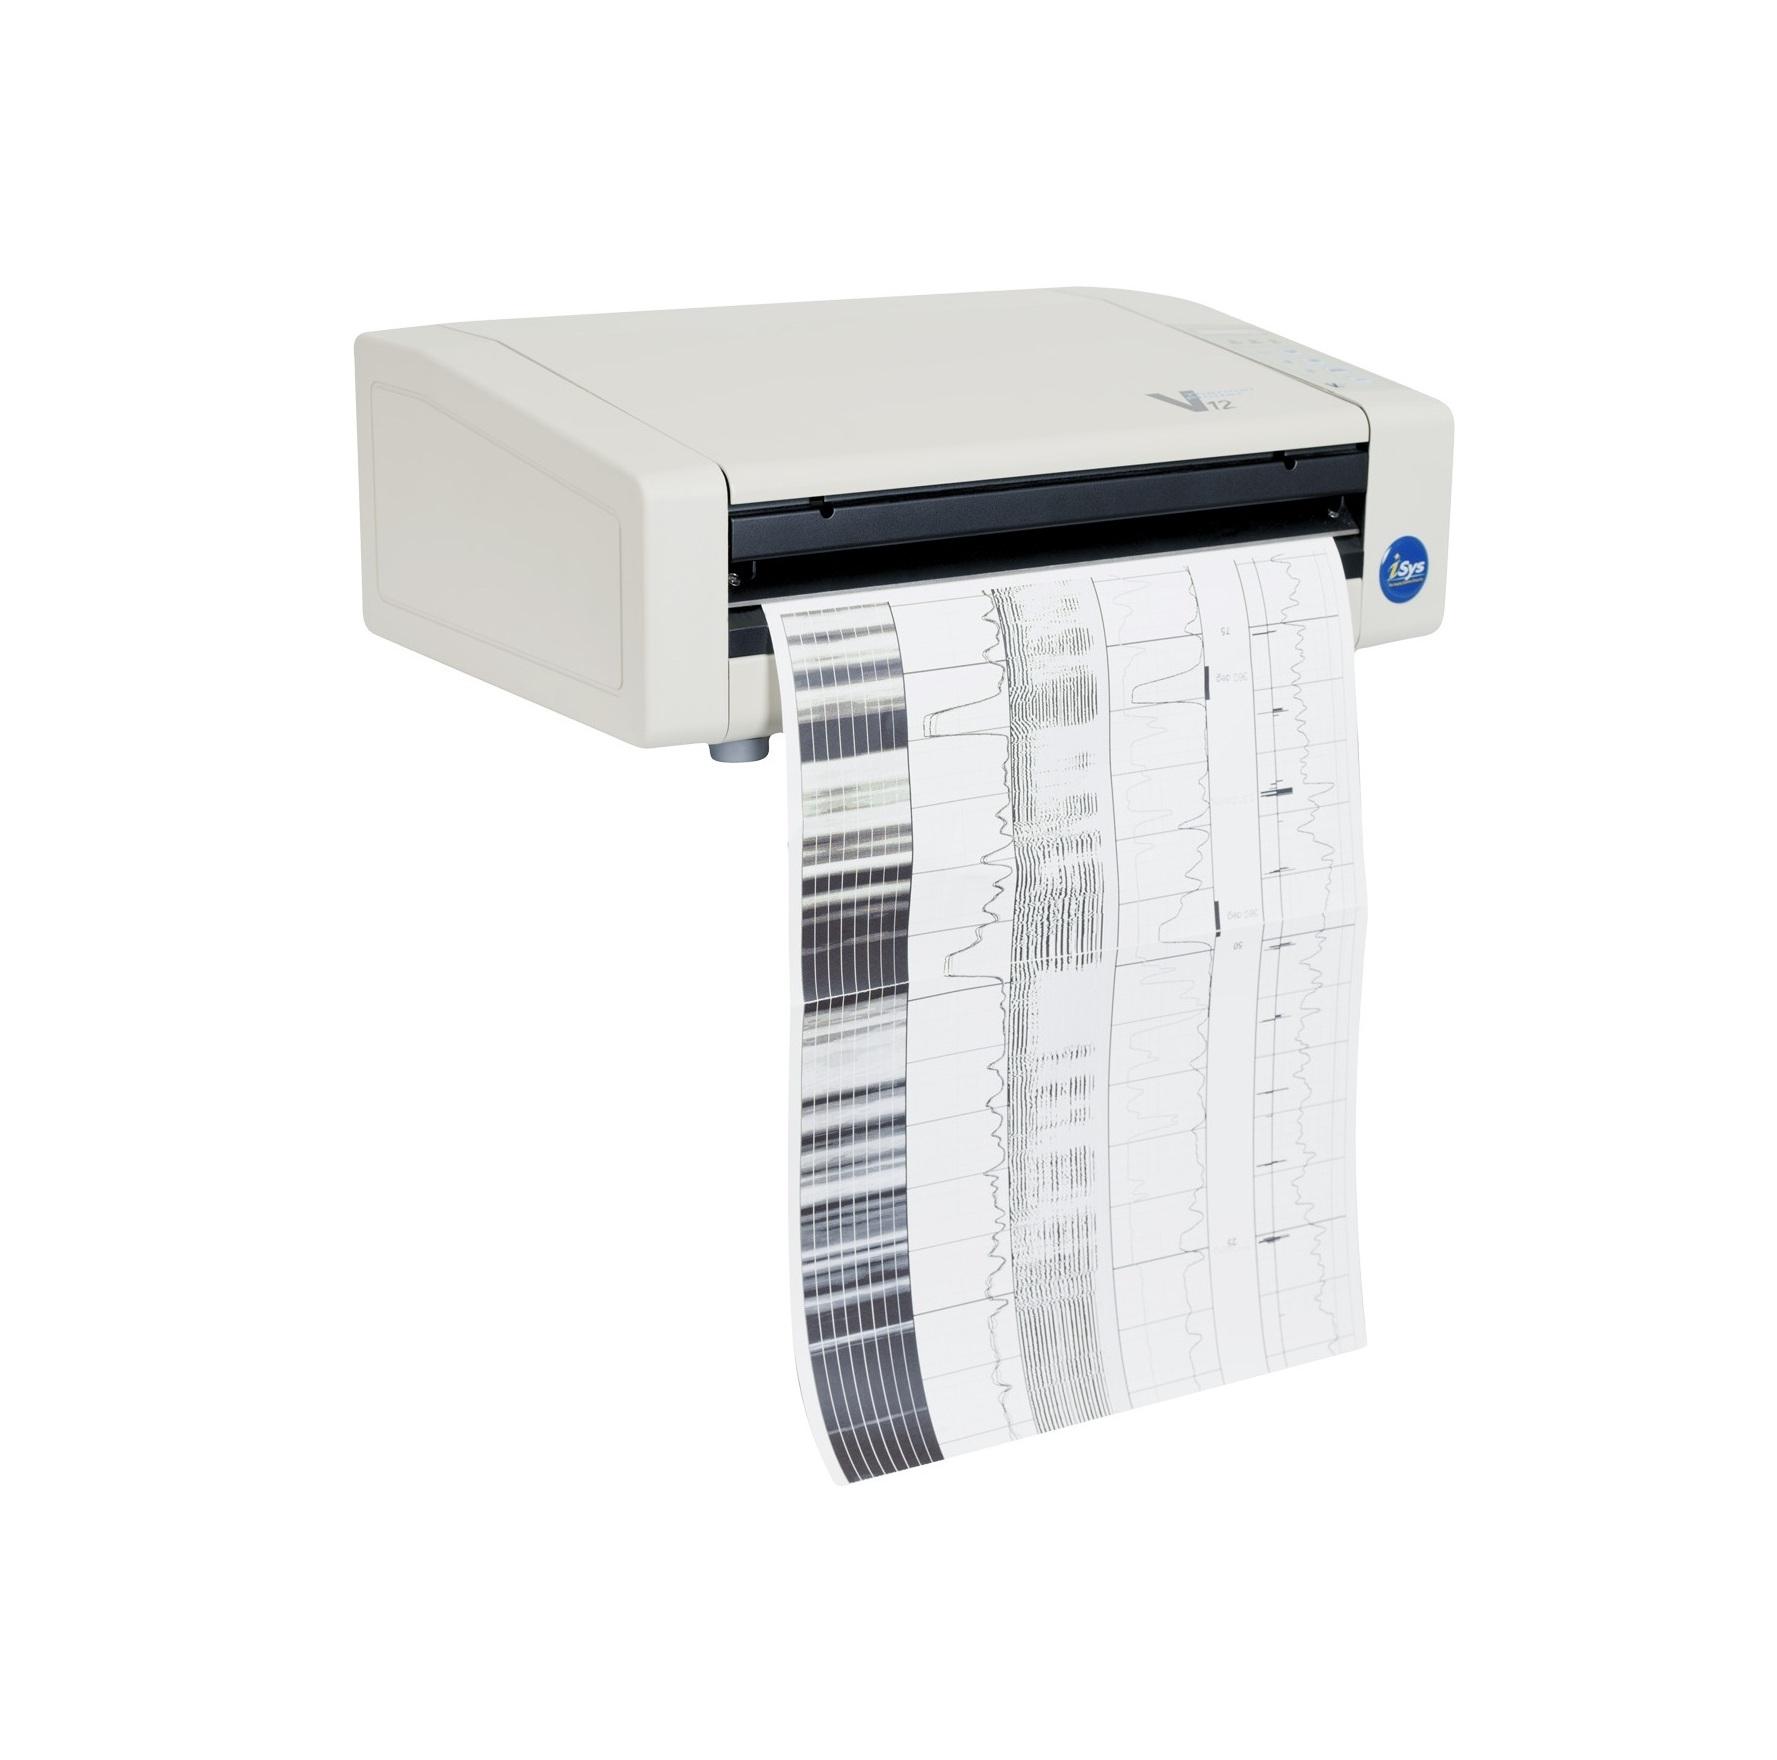 Desktop v12 thermal printer